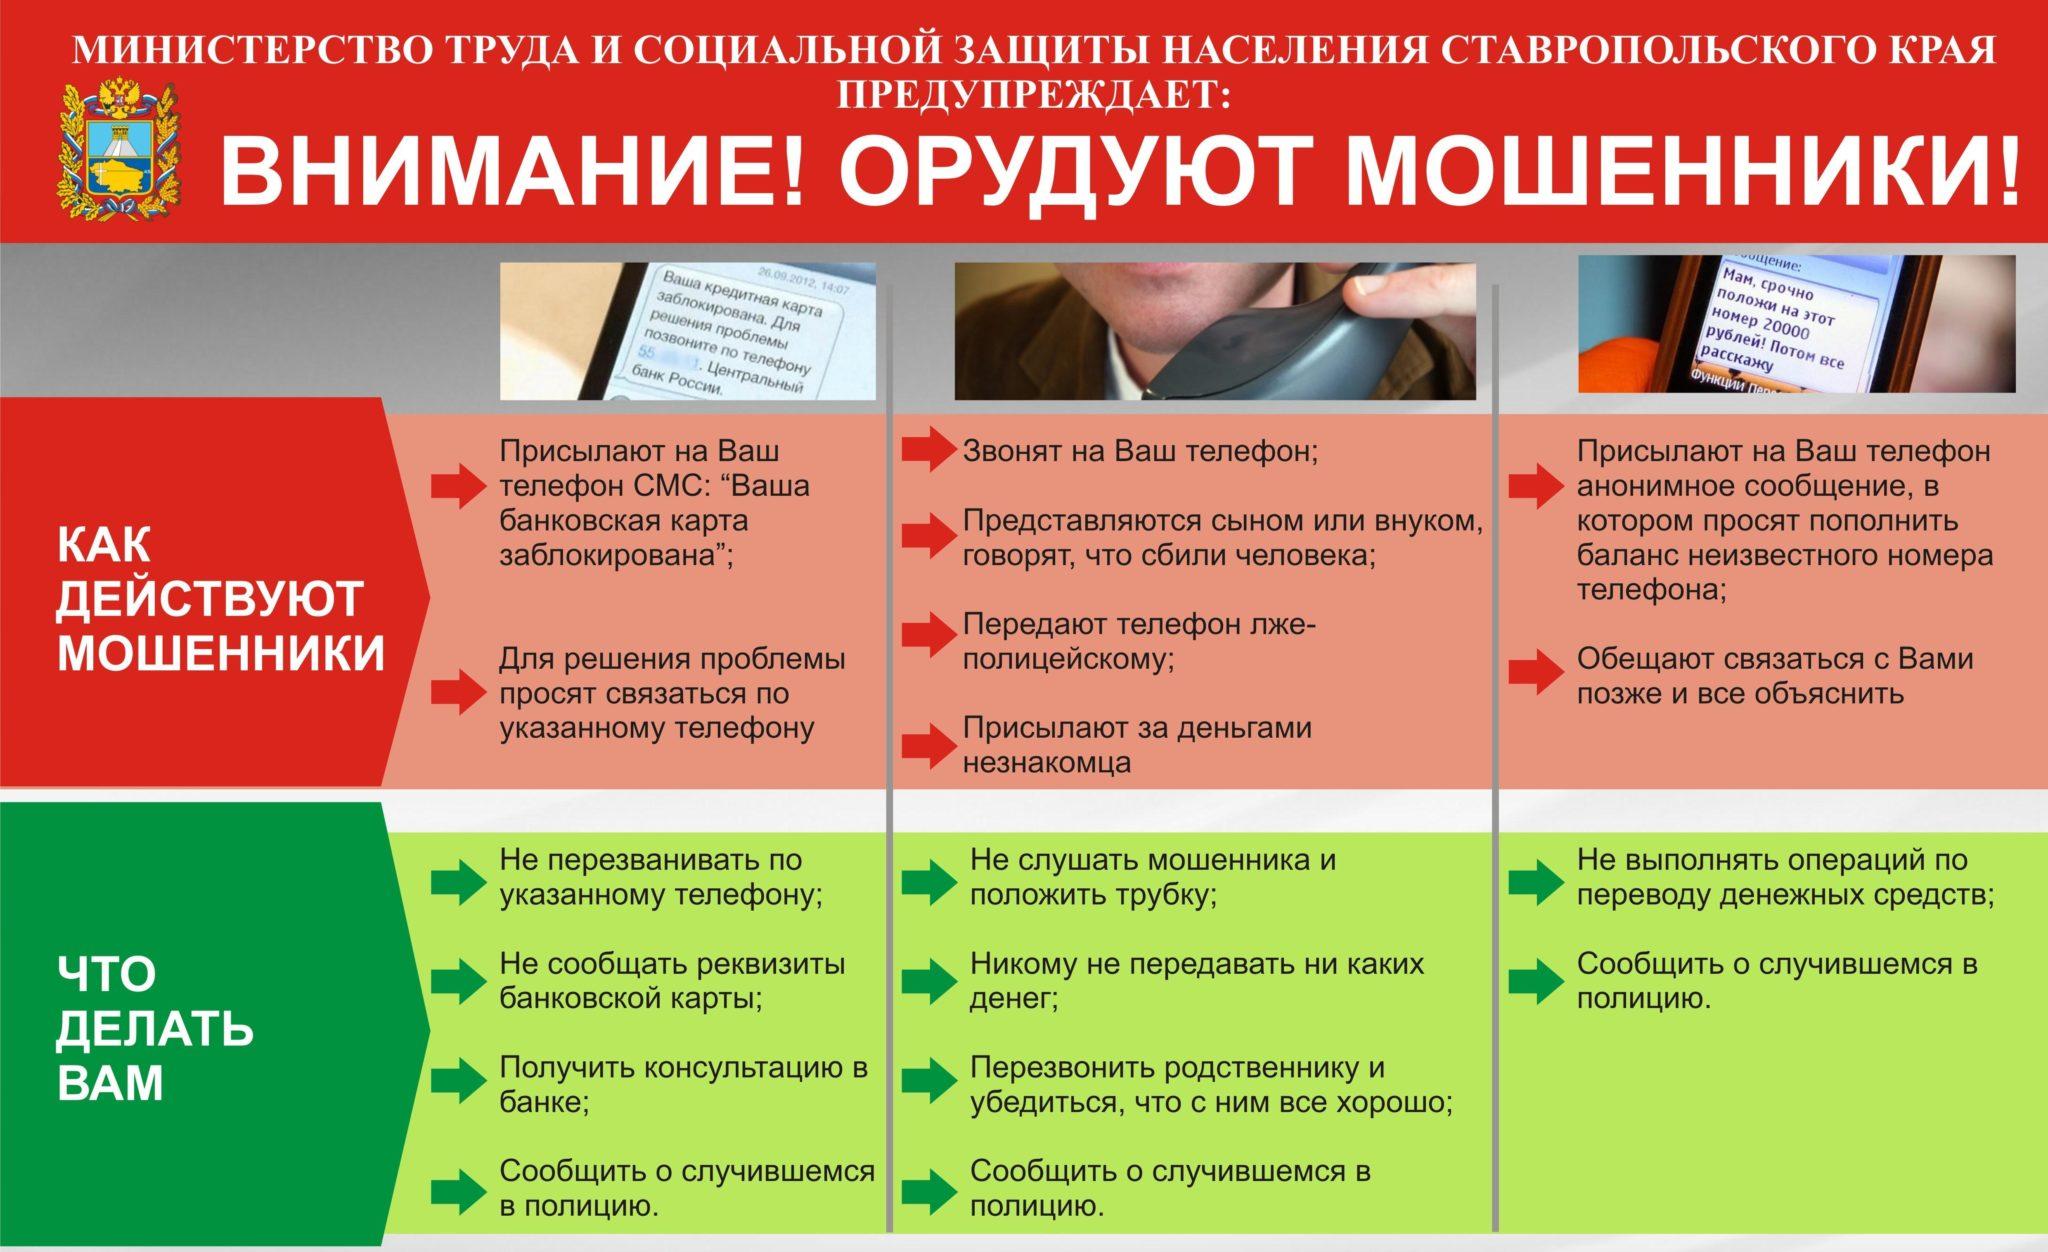 Plakat-moshenniki-1